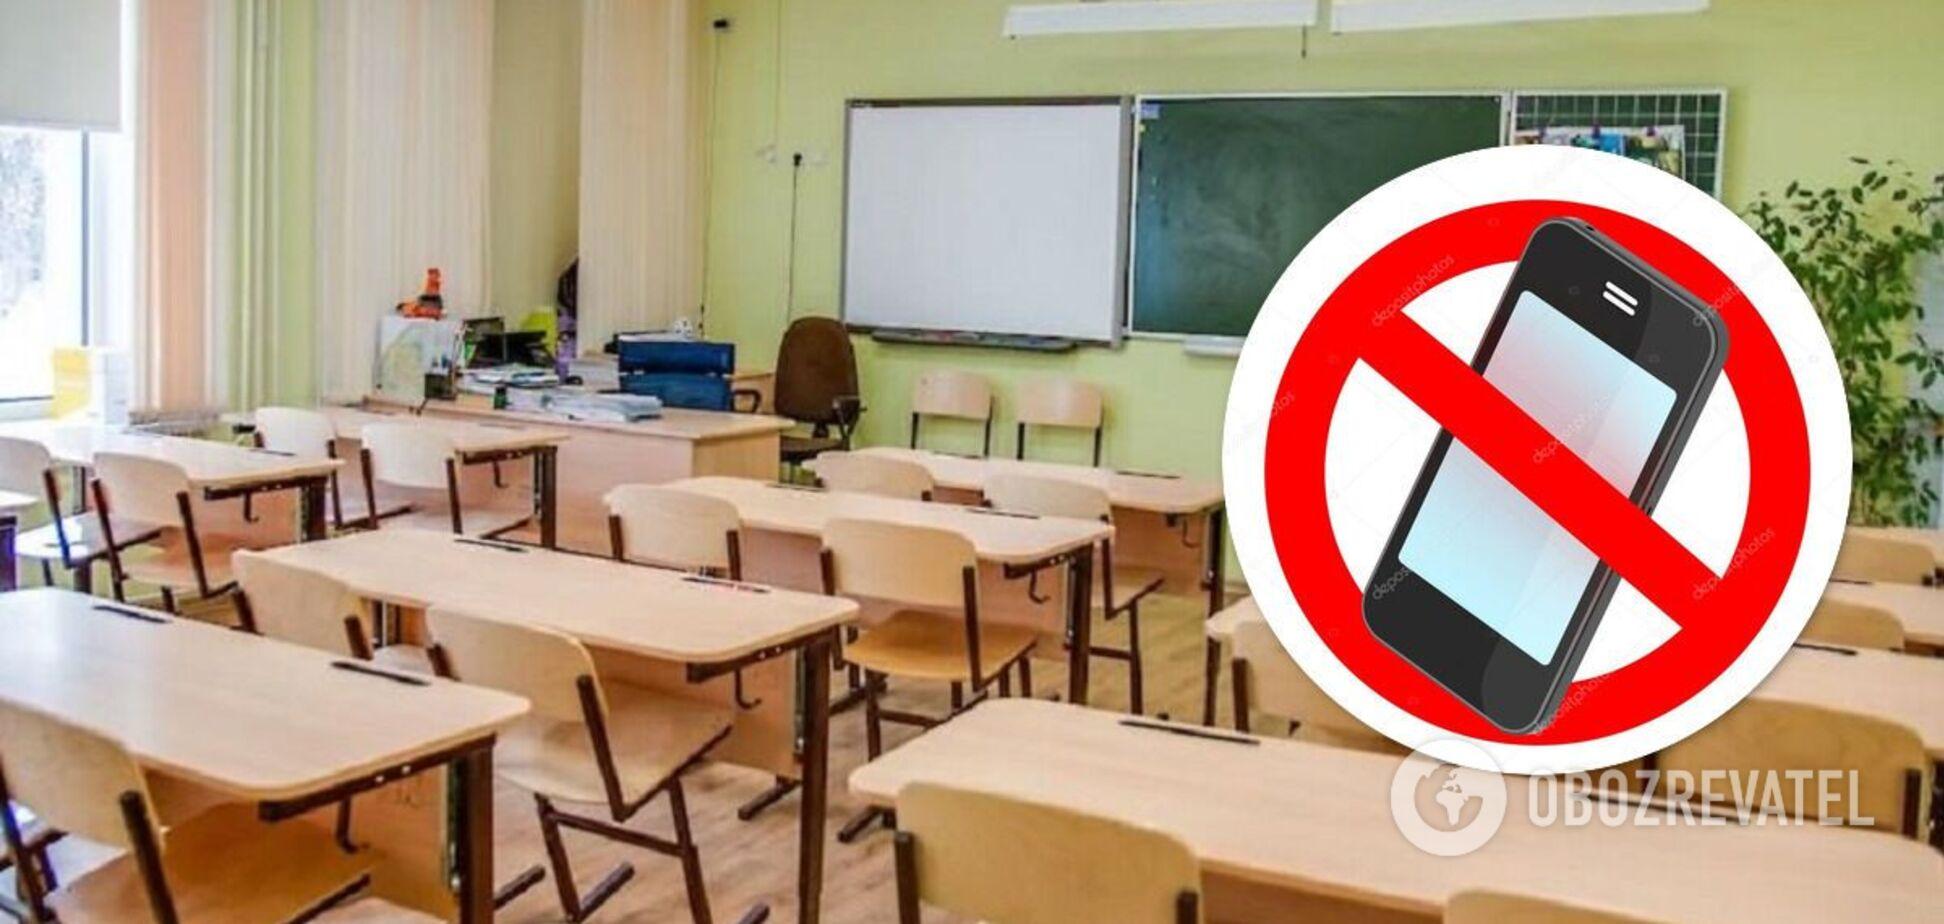 В школах Украины хотят запретить телефоны: зарегистрирован законопроект